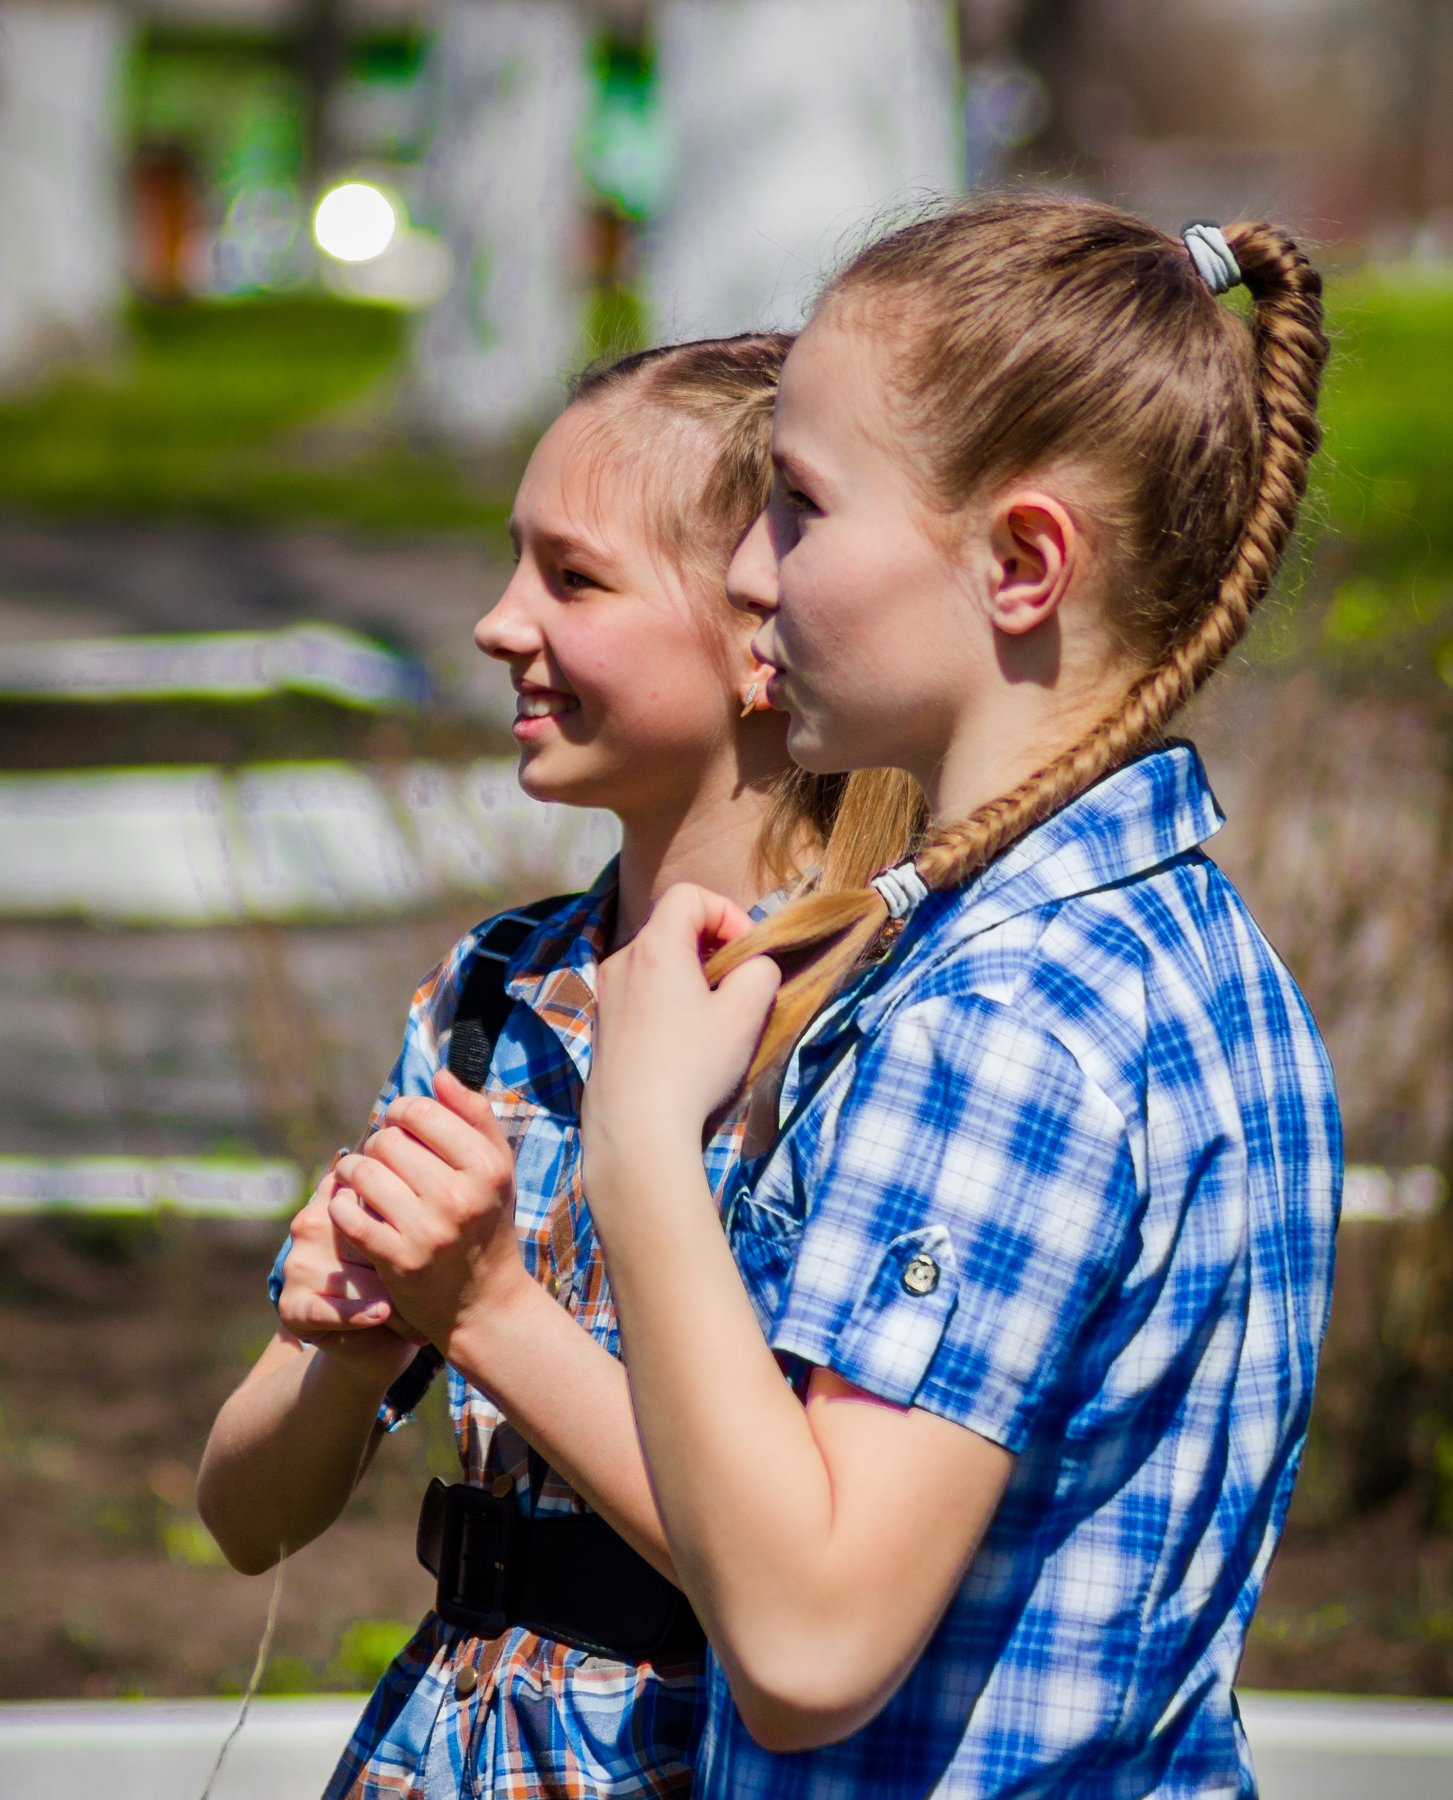 девочки, школьницы, студентки, праздник, в городском парке, Руслан Востриков